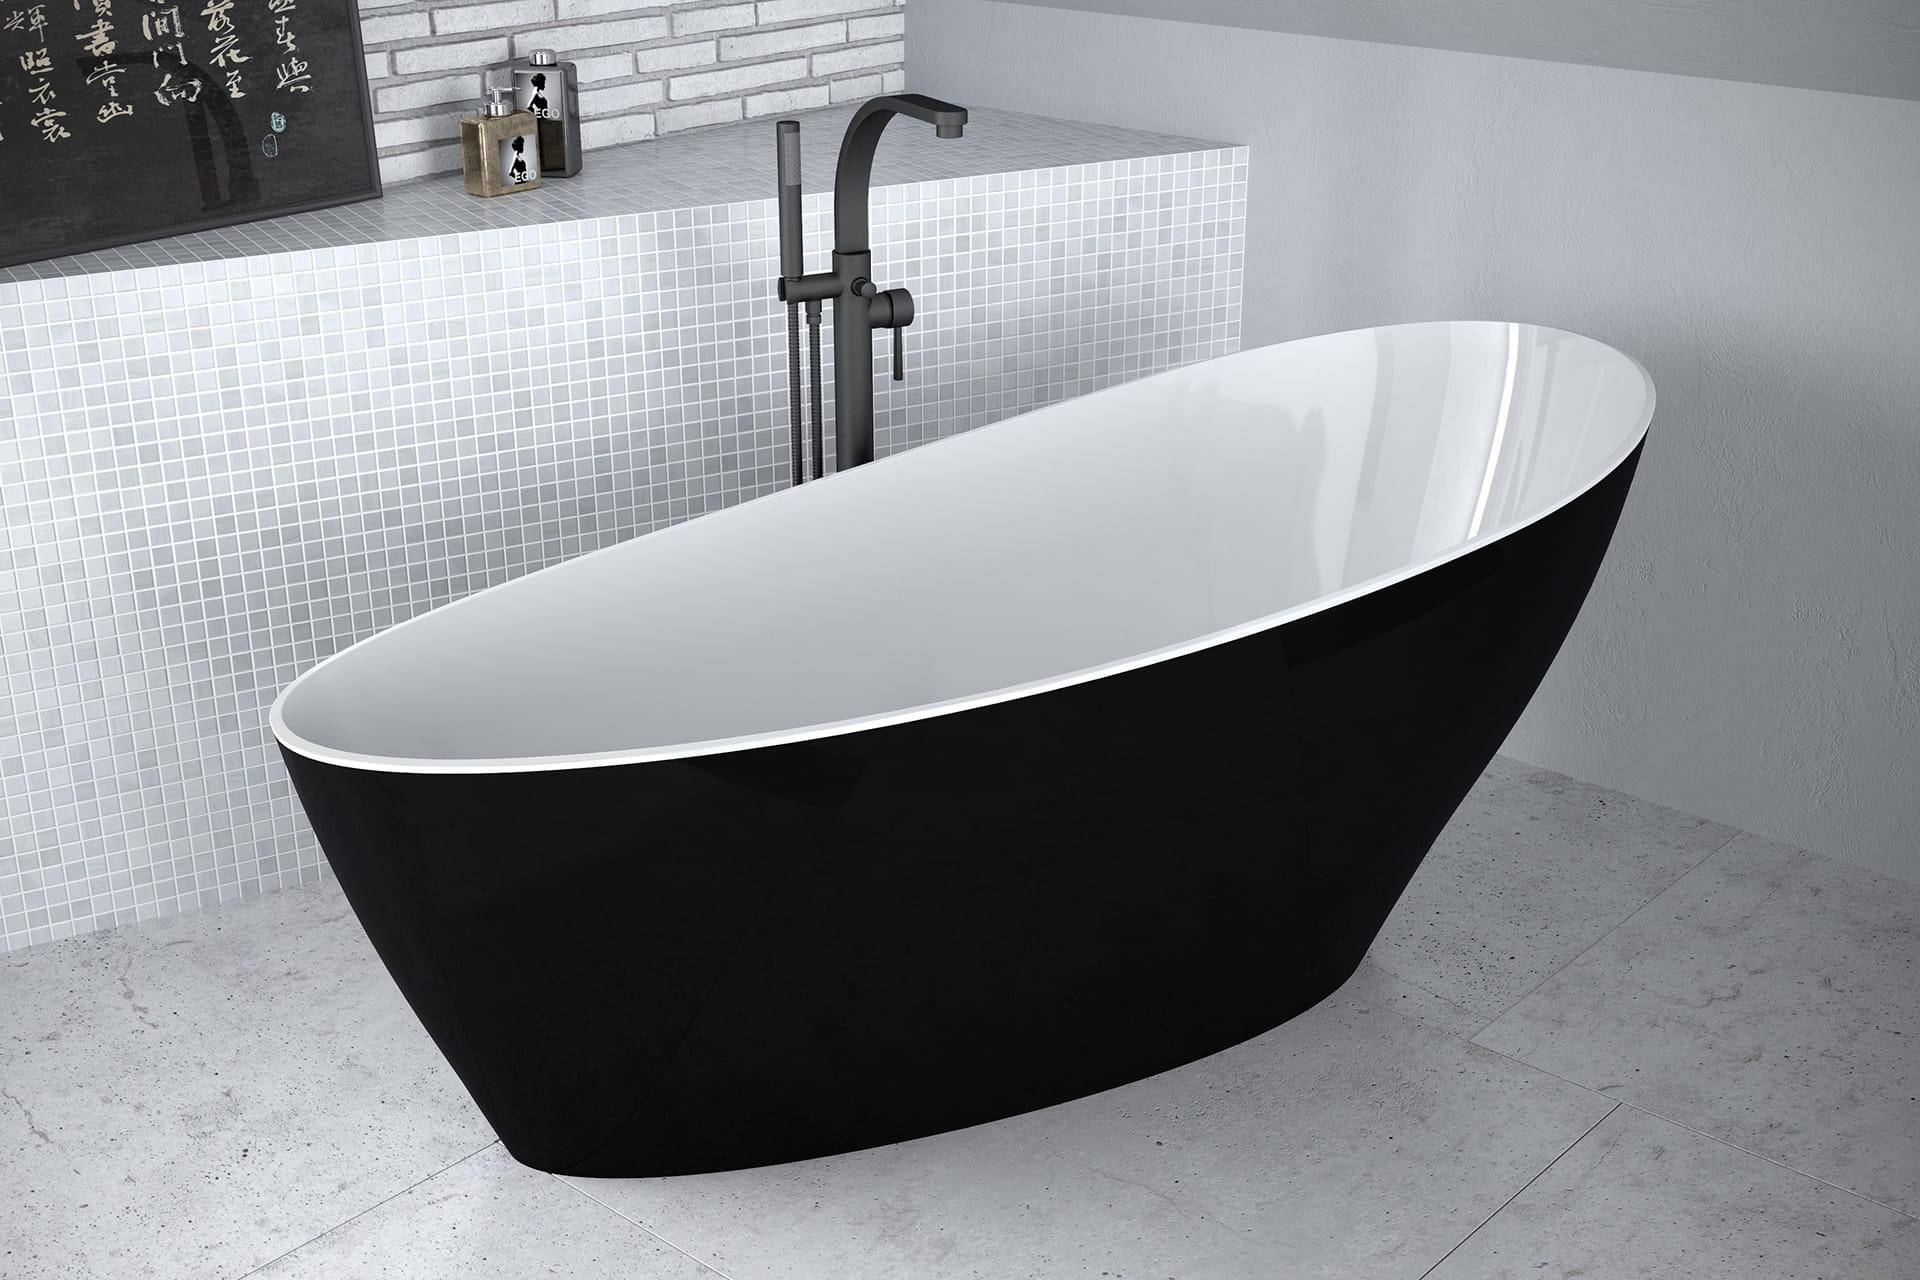 Besco wanna wolnostojąca 165x70 cm Keya B&W biało-czarna + syfon klik-klak